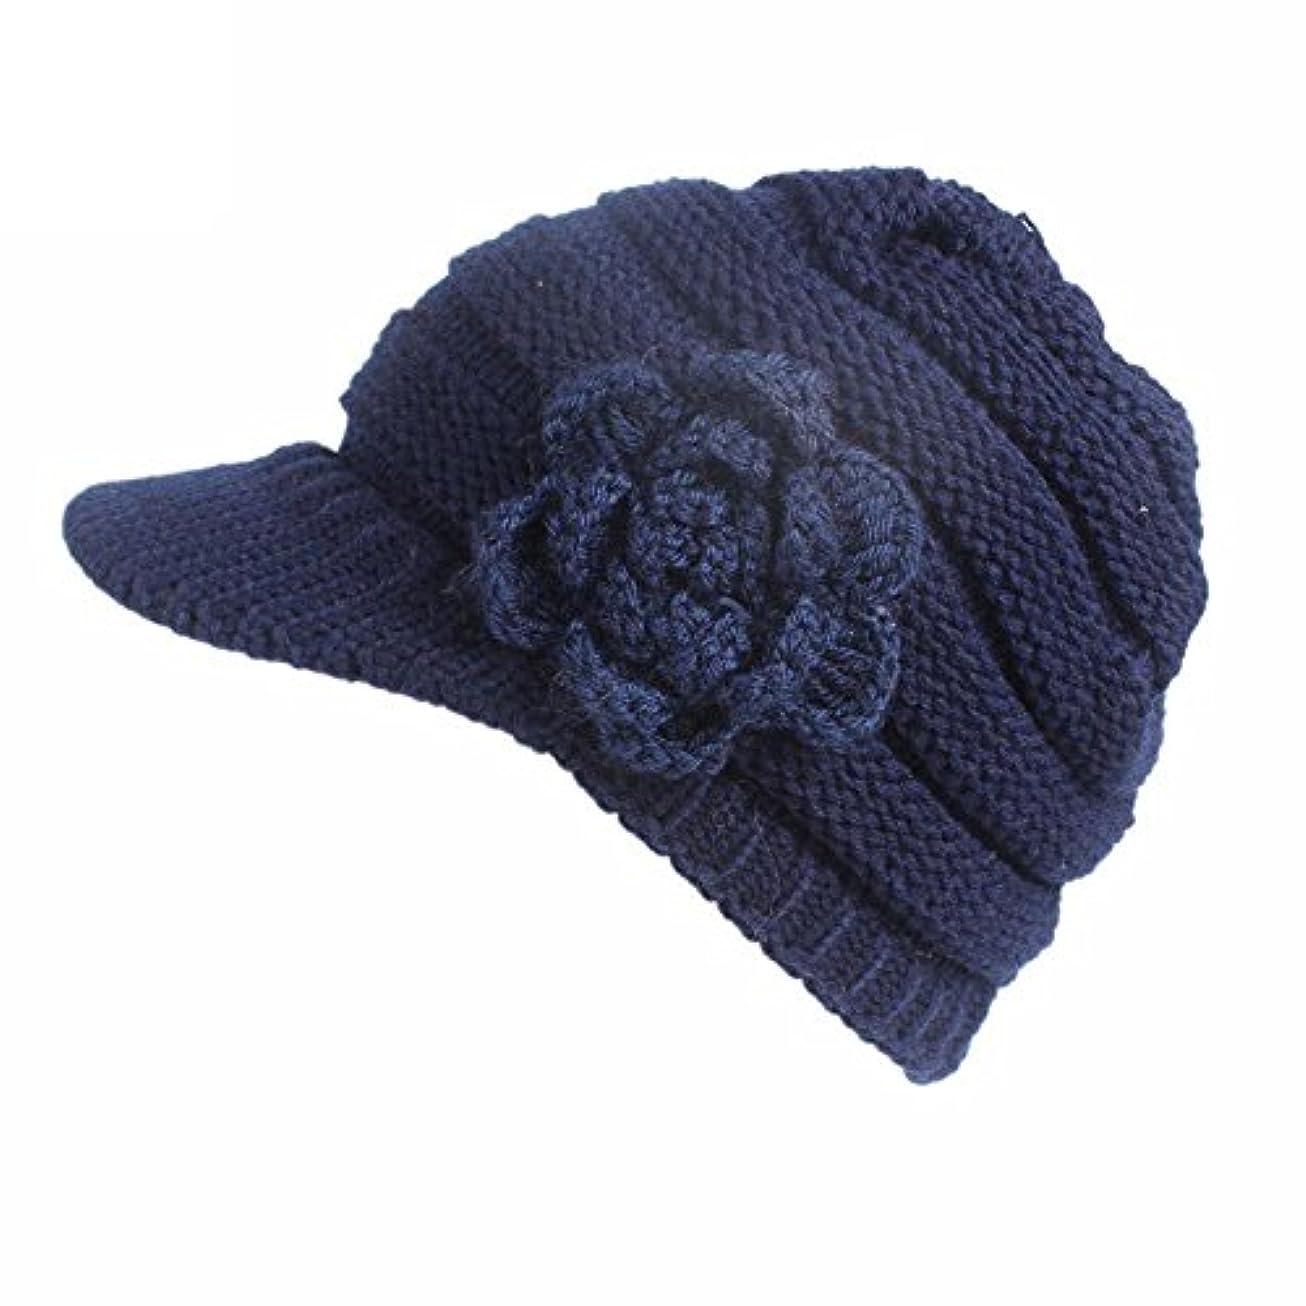 カレンダーキャンディーアグネスグレイRacazing 選べる5色 編み物 花 鸭舌帽 ニット帽 防寒対策 通気性のある 防風 暖かい 軽量 屋外 スキー 自転車 クリスマス Hat 女性用 (ネービー)